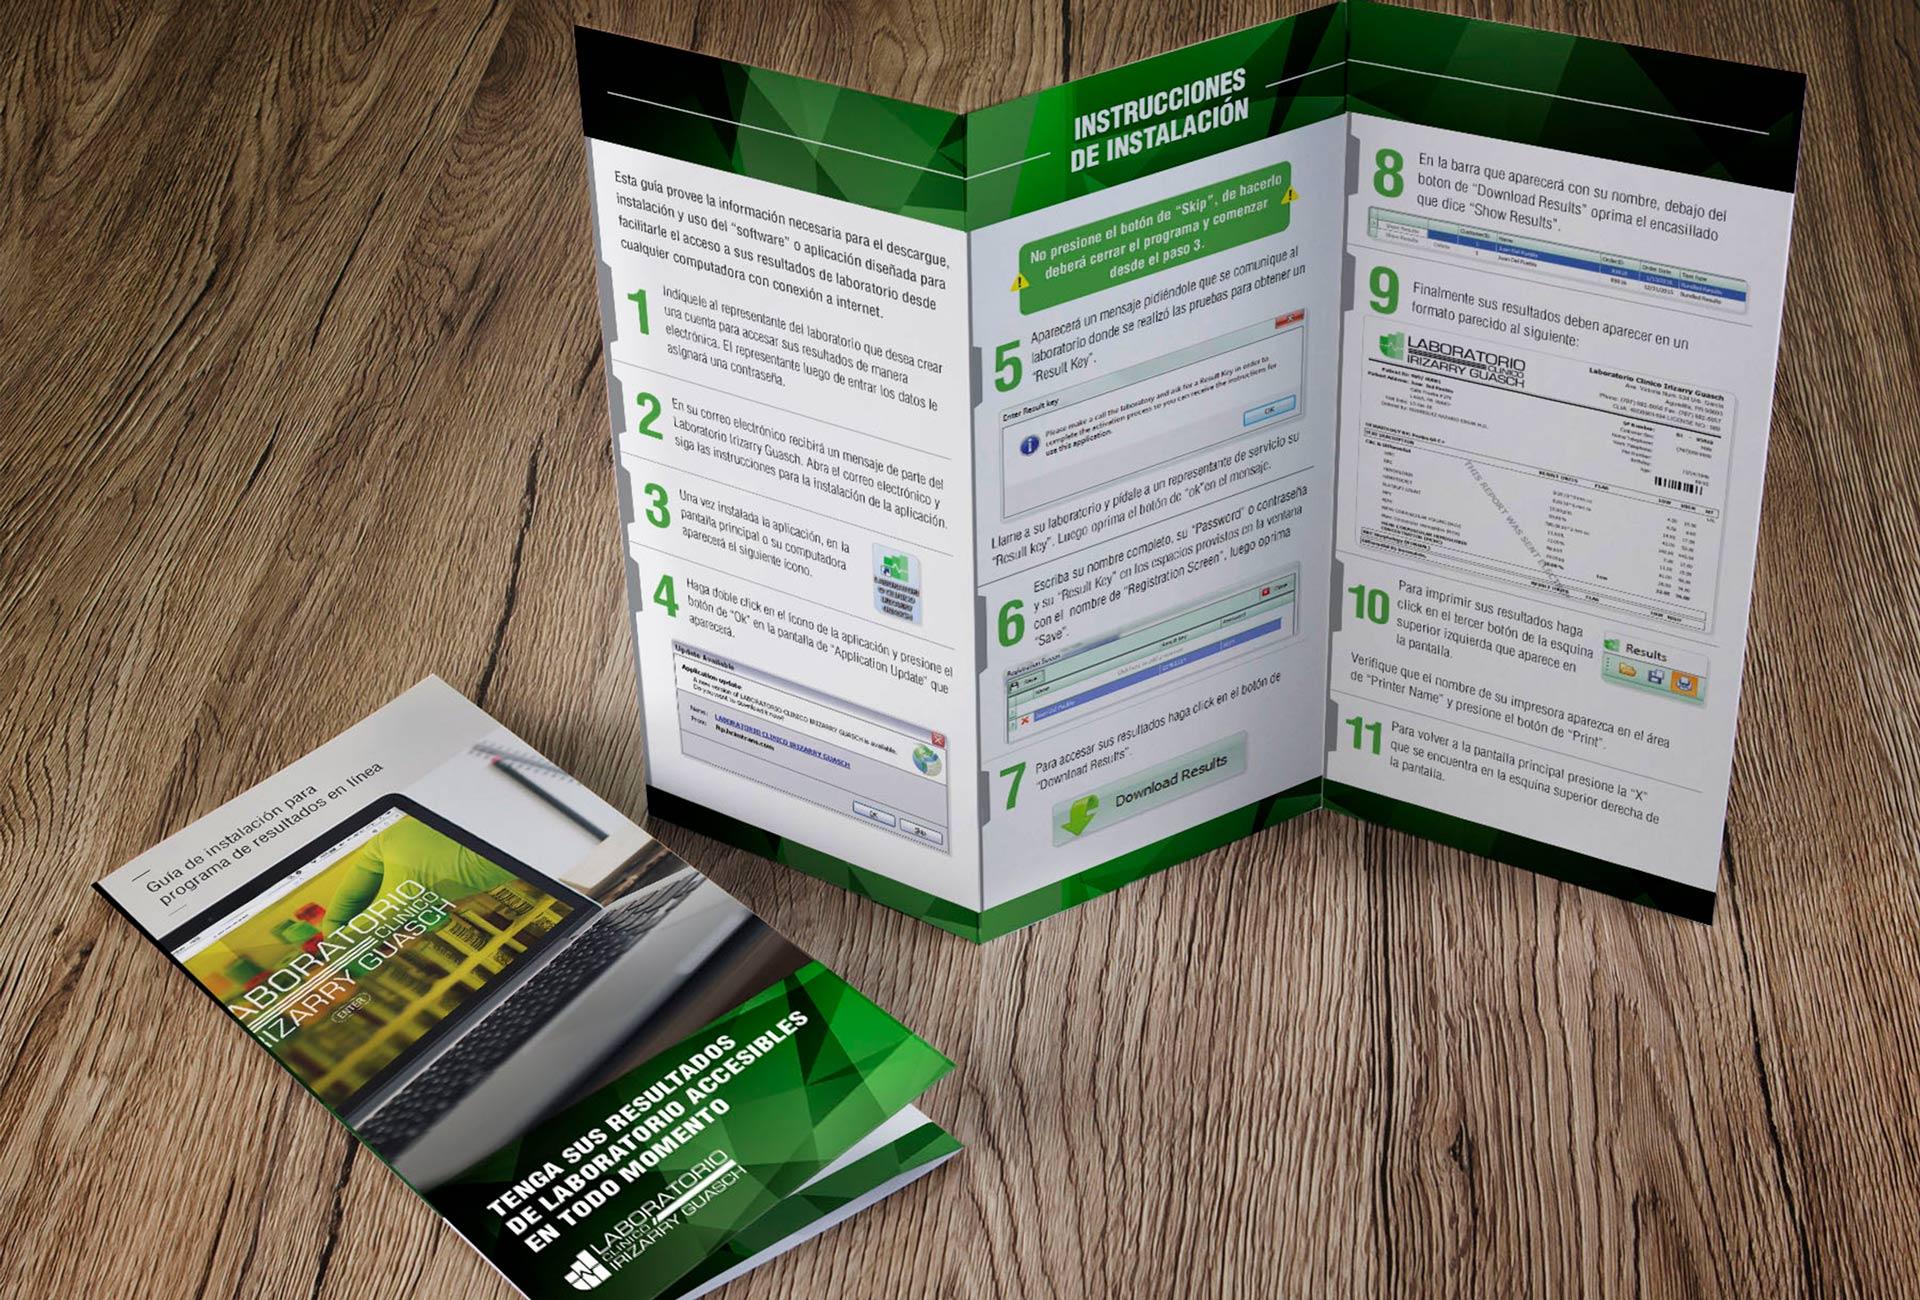 Triptico-instrucciones-de-instalacion1920x1300.jpg